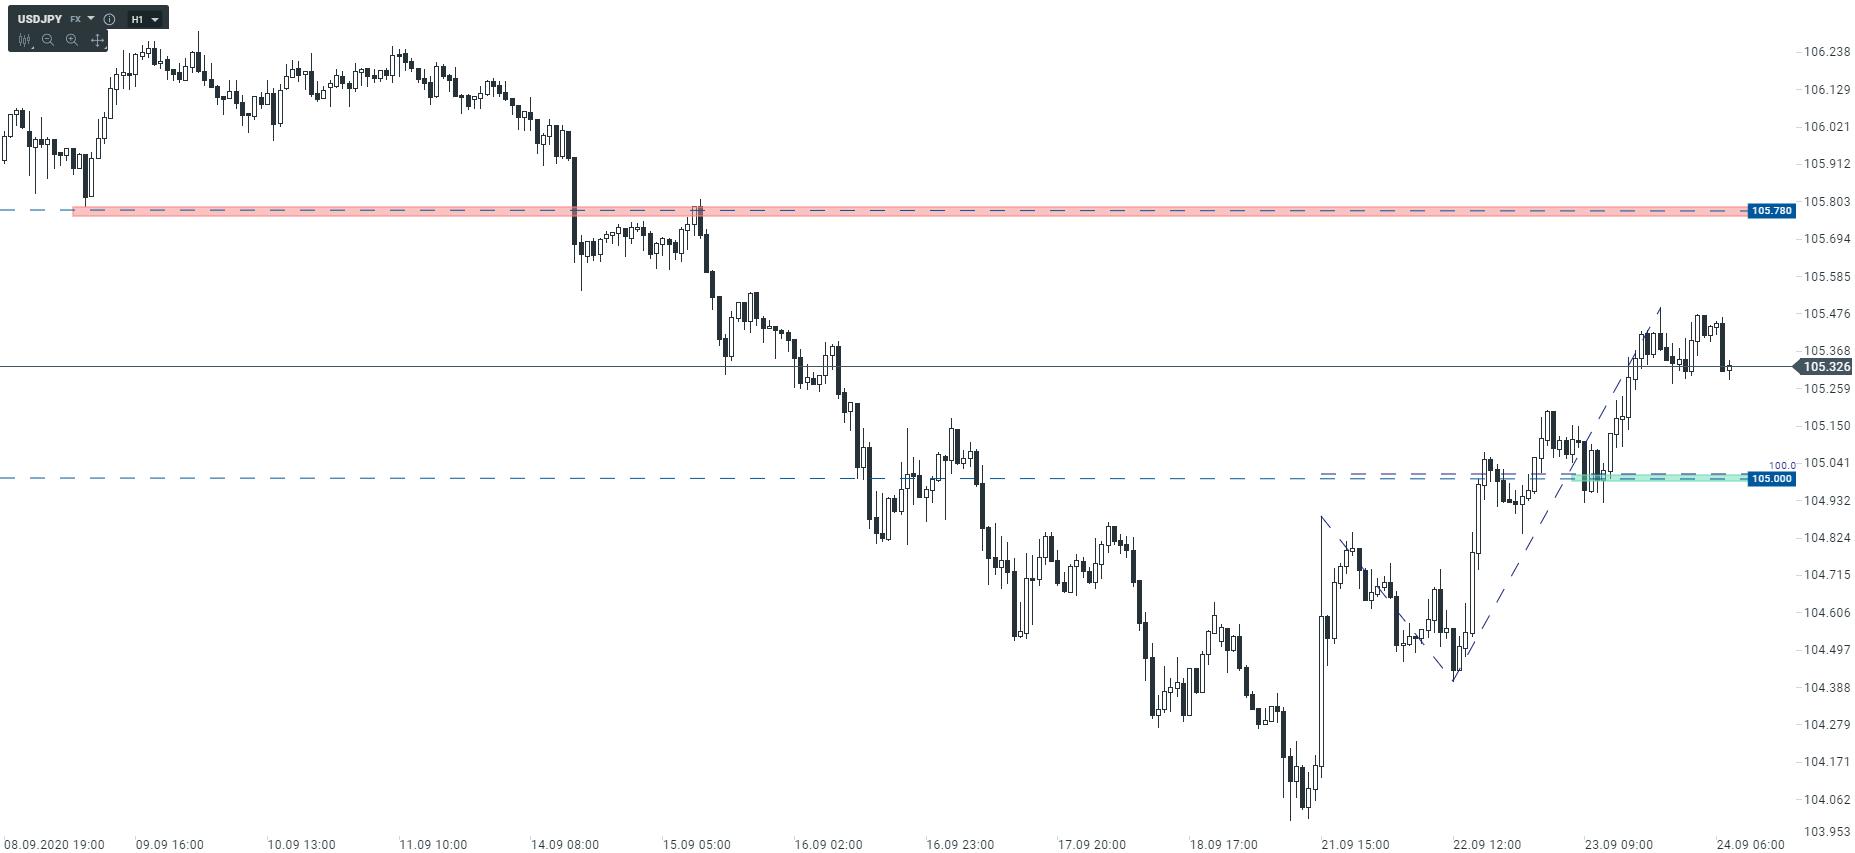 Czy amerykański dolar utrzyma trend wzrostowy?